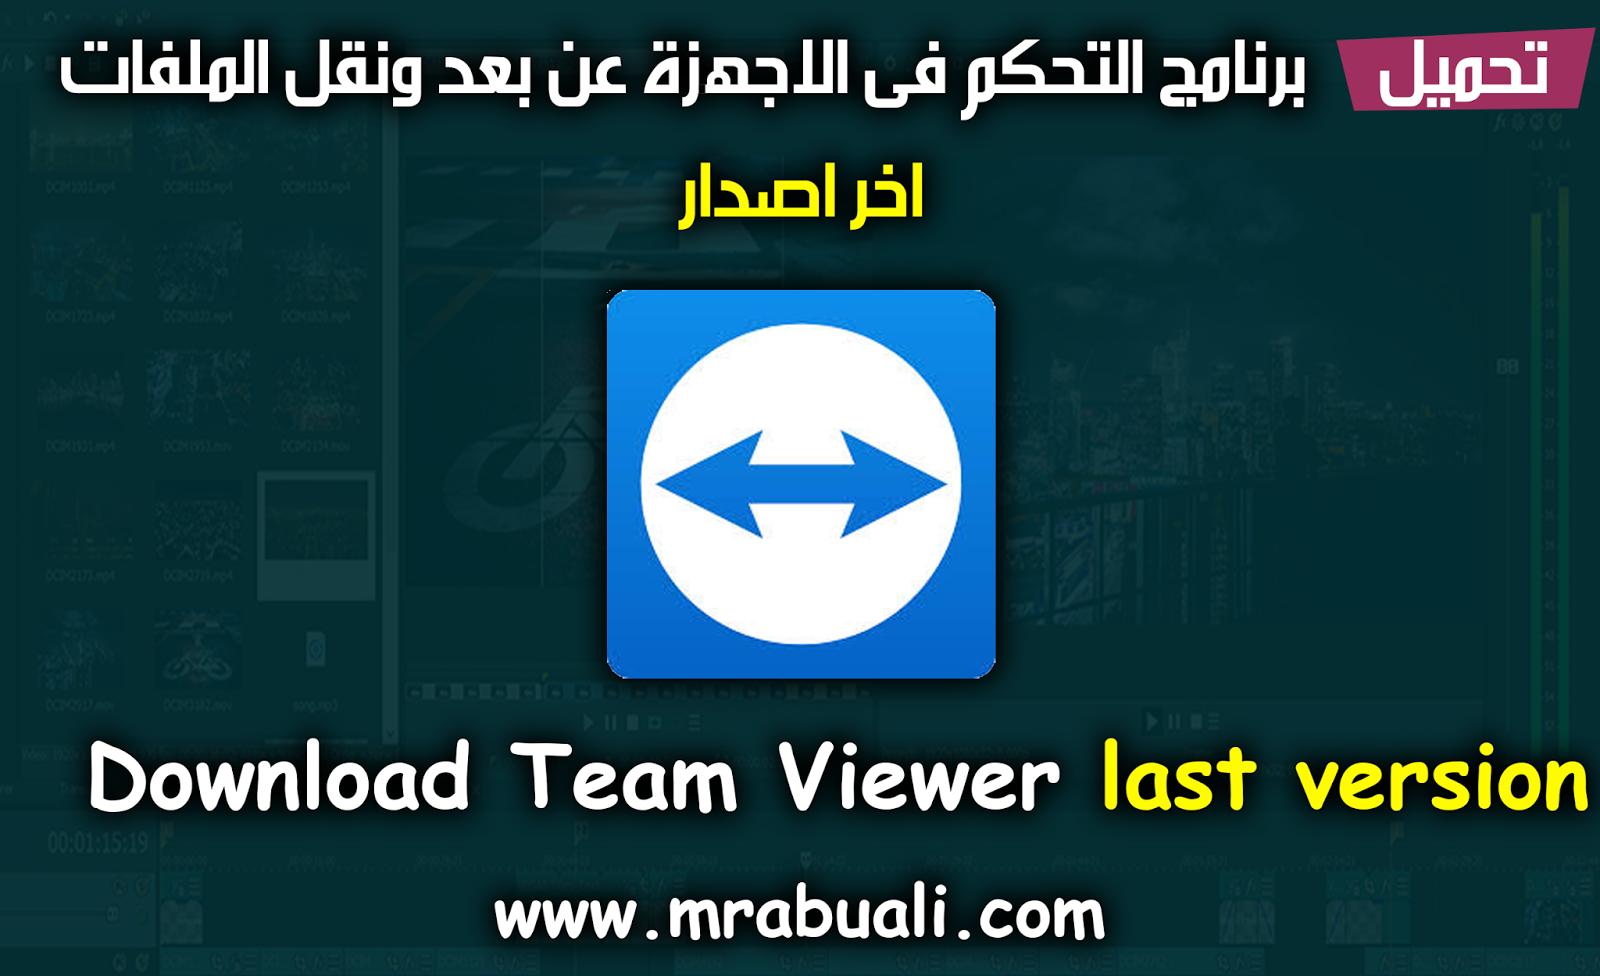 تحميل البرنامج العملاق Team Viewer للتحكم فى الاجهزة عن بعد